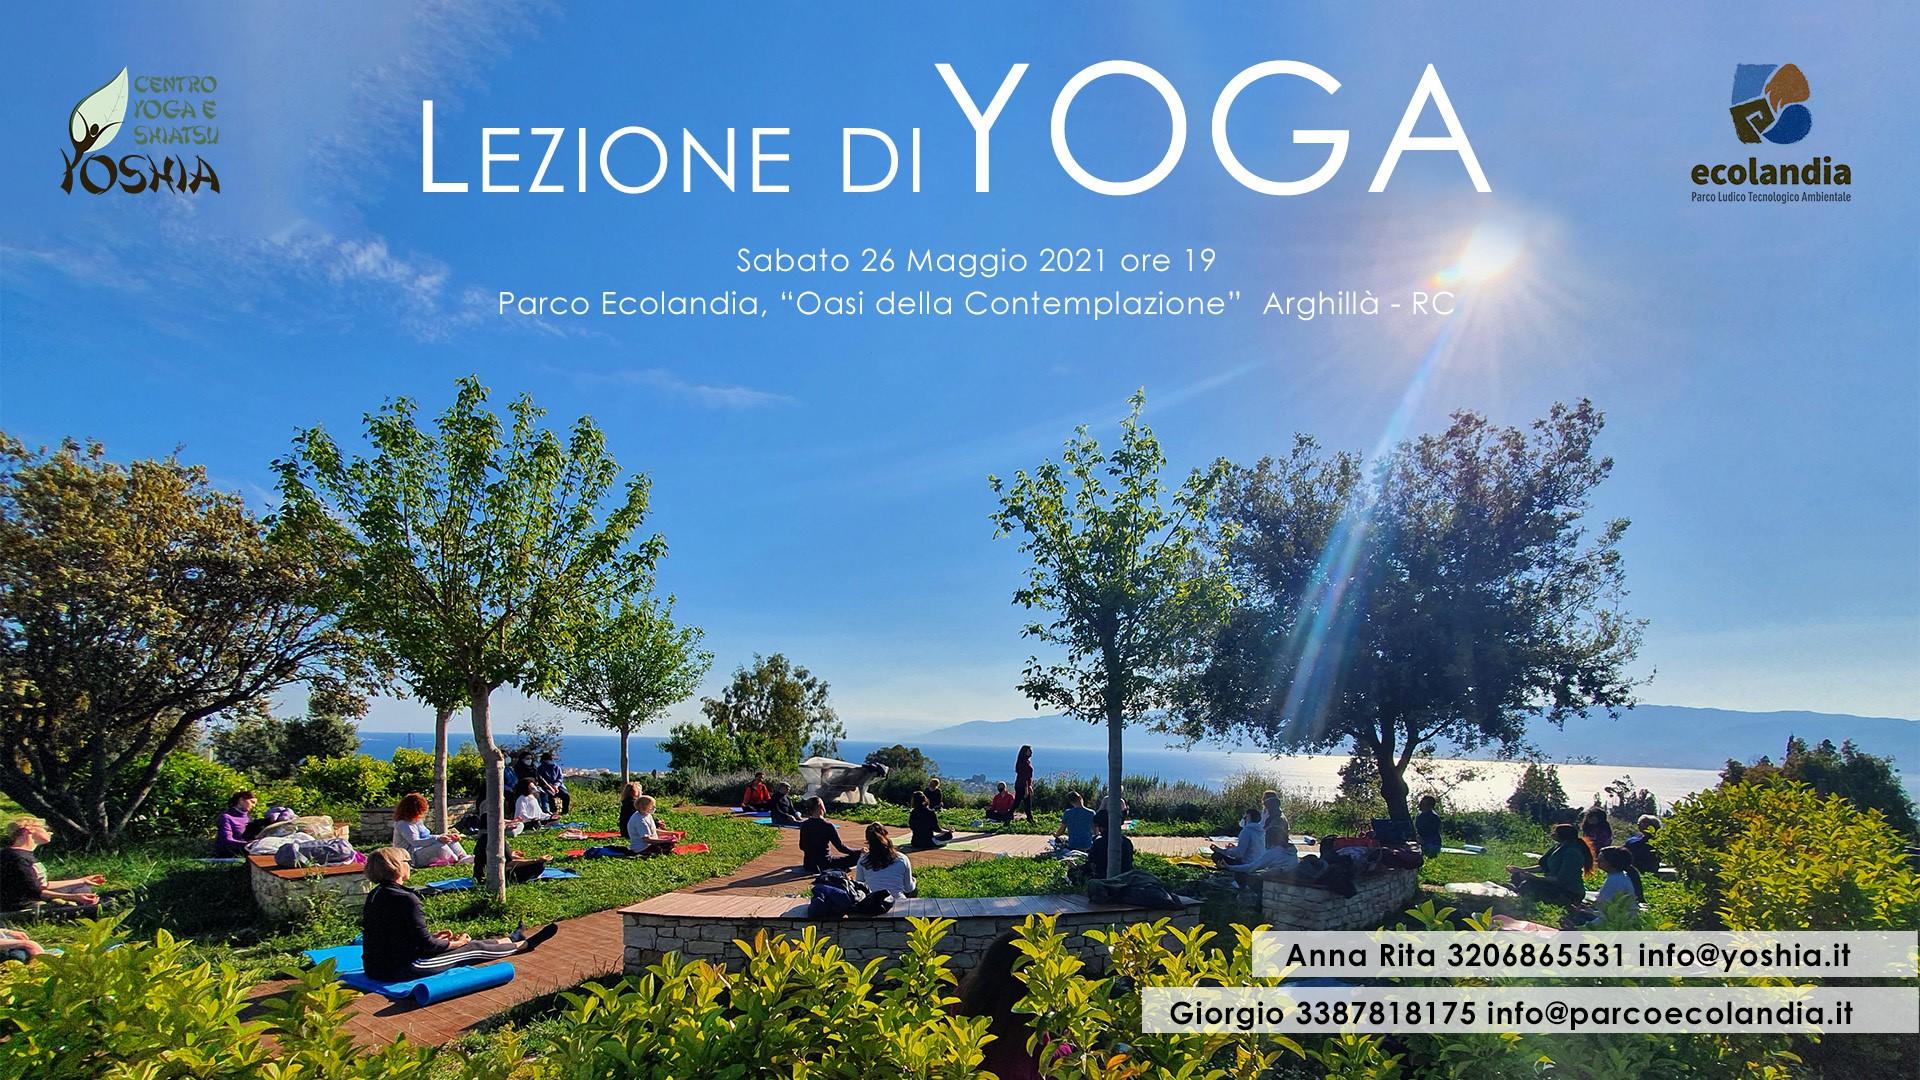 Lezione di Hatha Yoga al parco Ecolandia